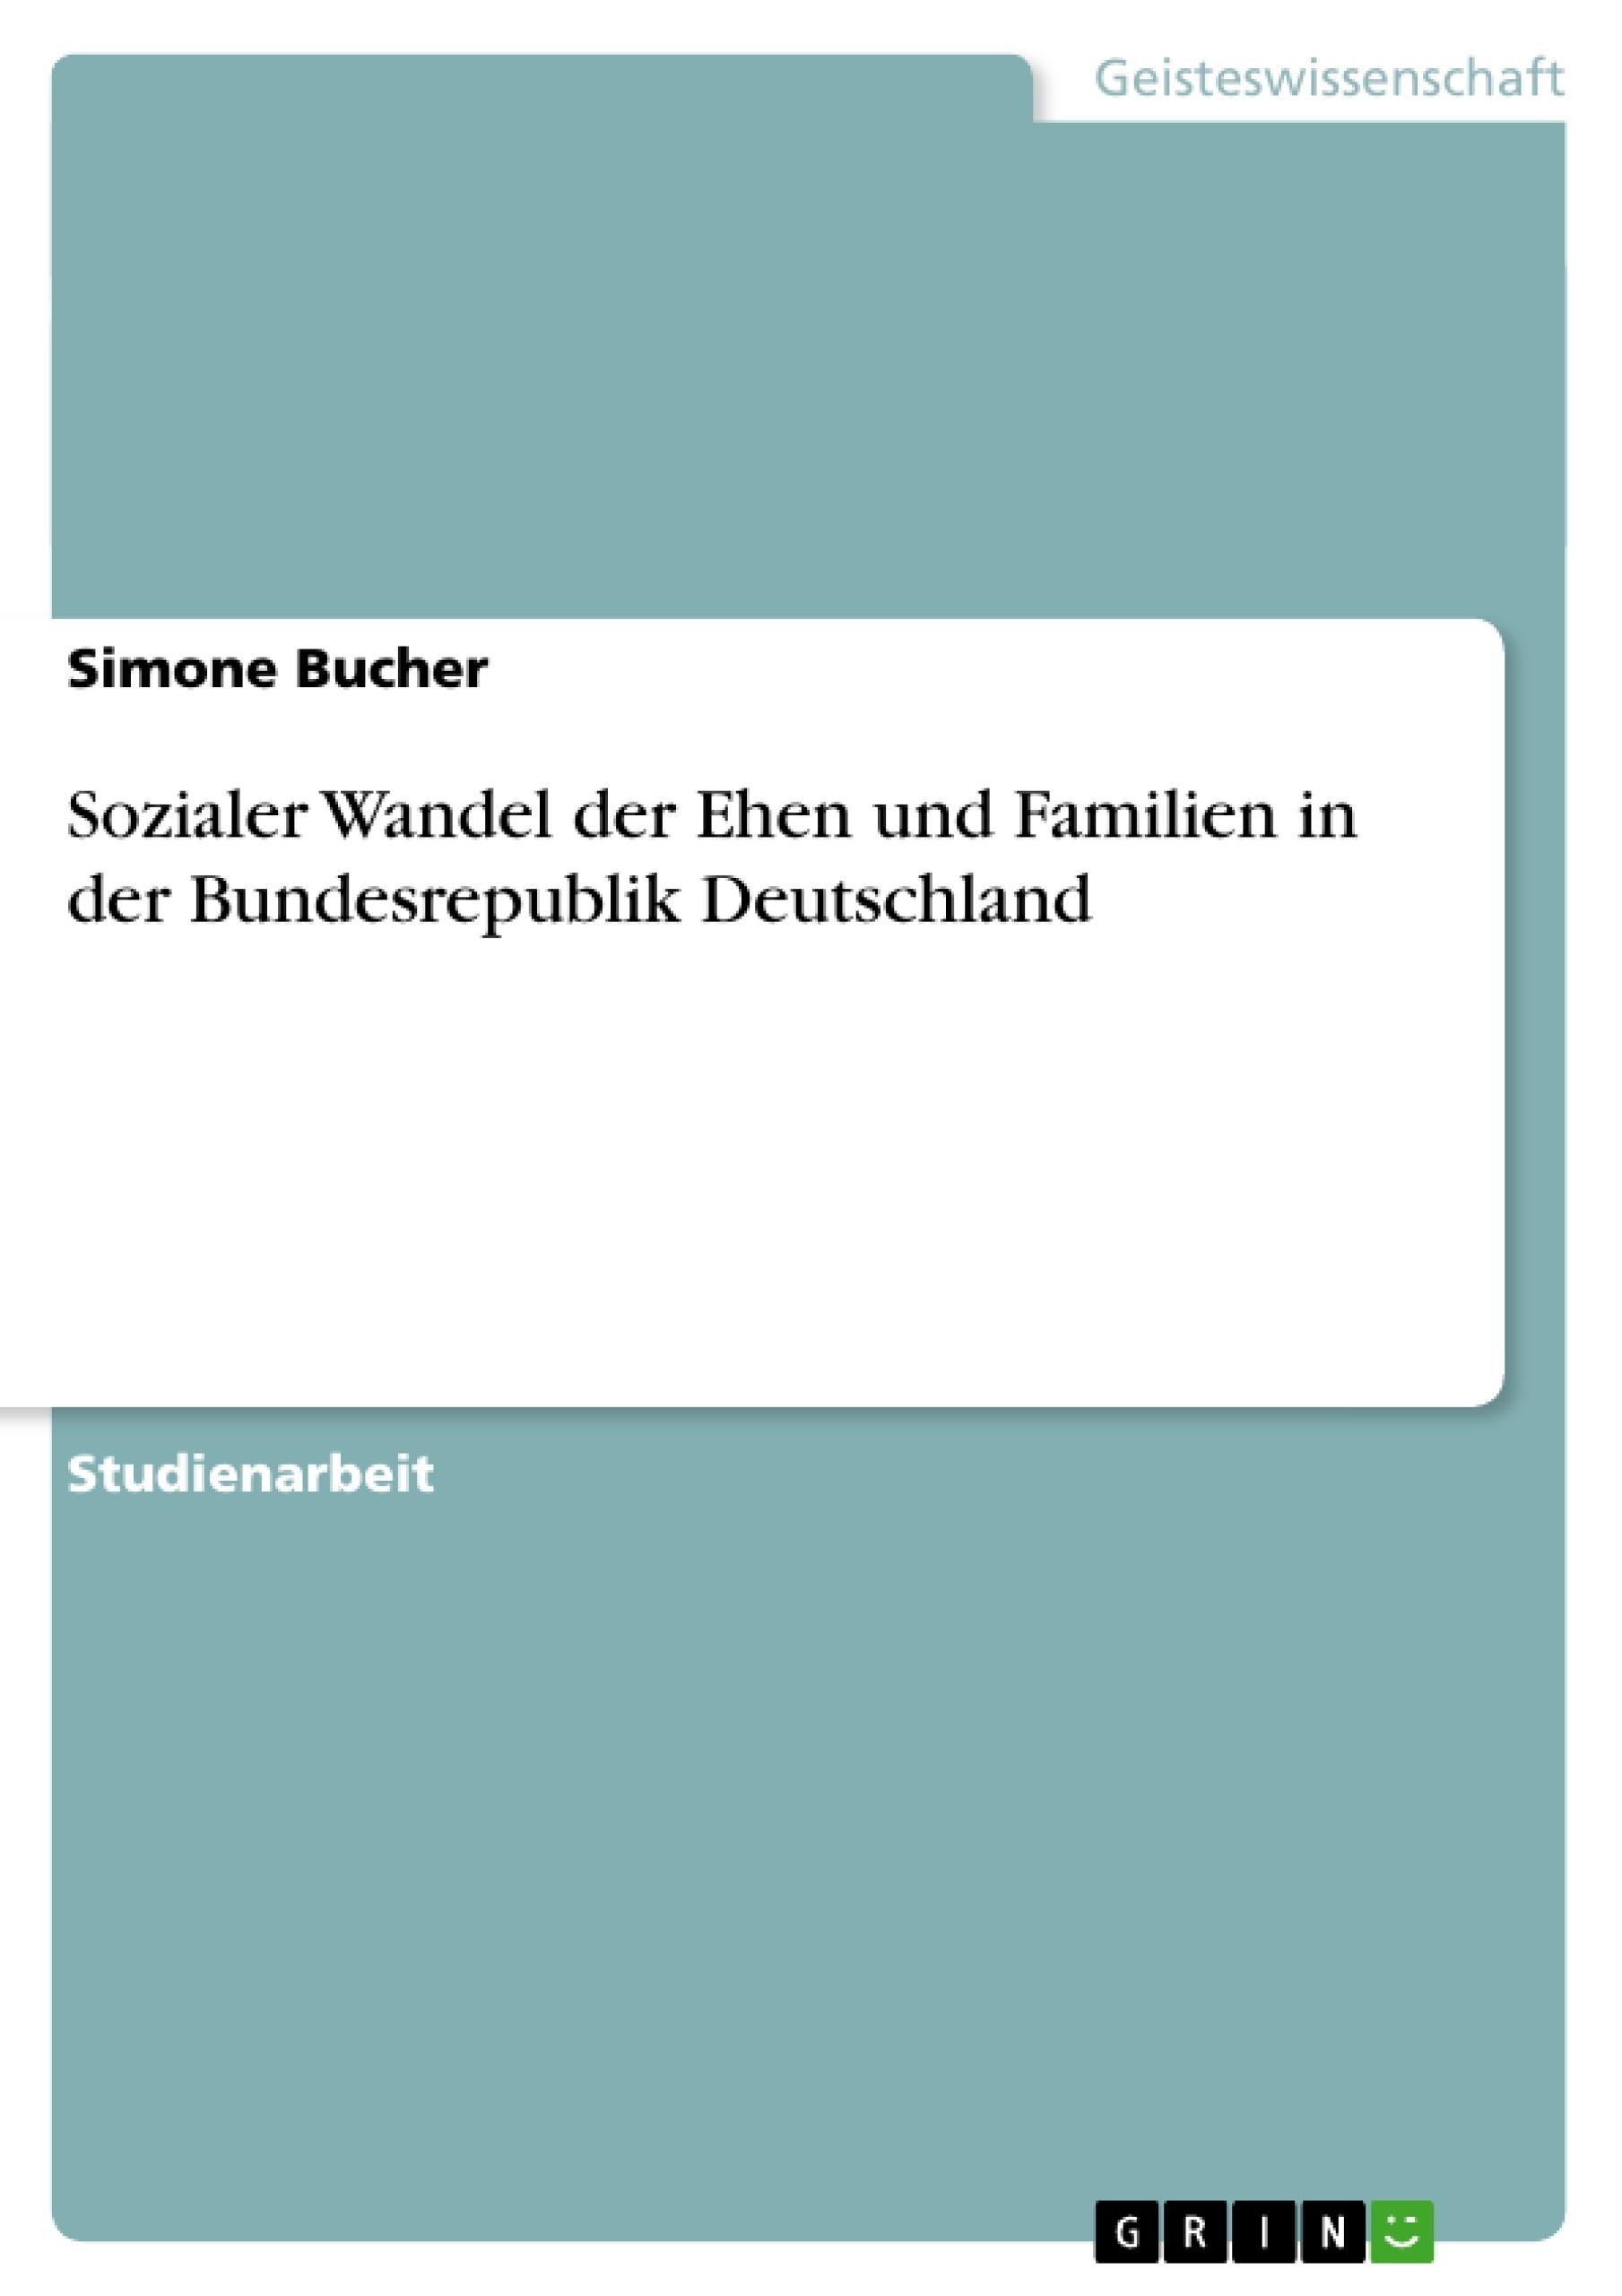 Titel: Sozialer Wandel der Ehen und Familien in der Bundesrepublik Deutschland